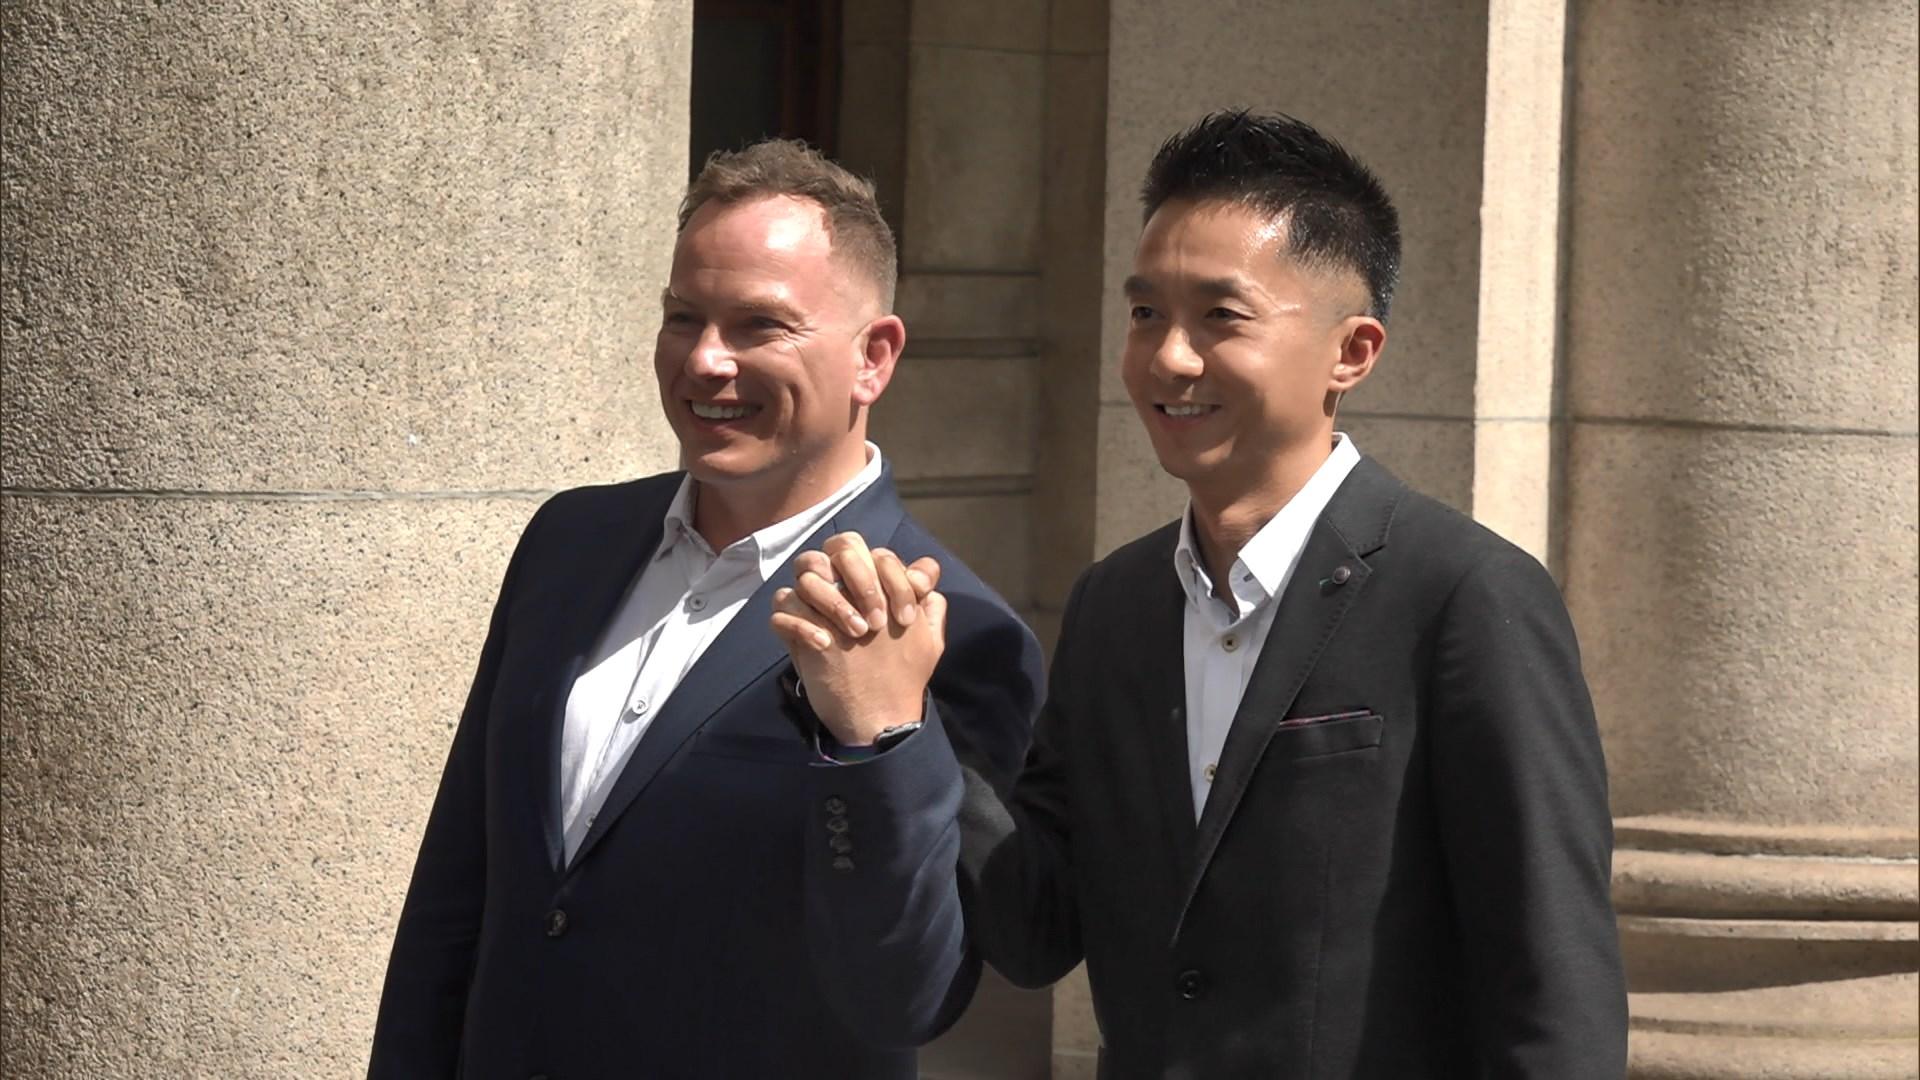 同性伴侶享公務員福利上訴得直 公務員事務局尊重裁決